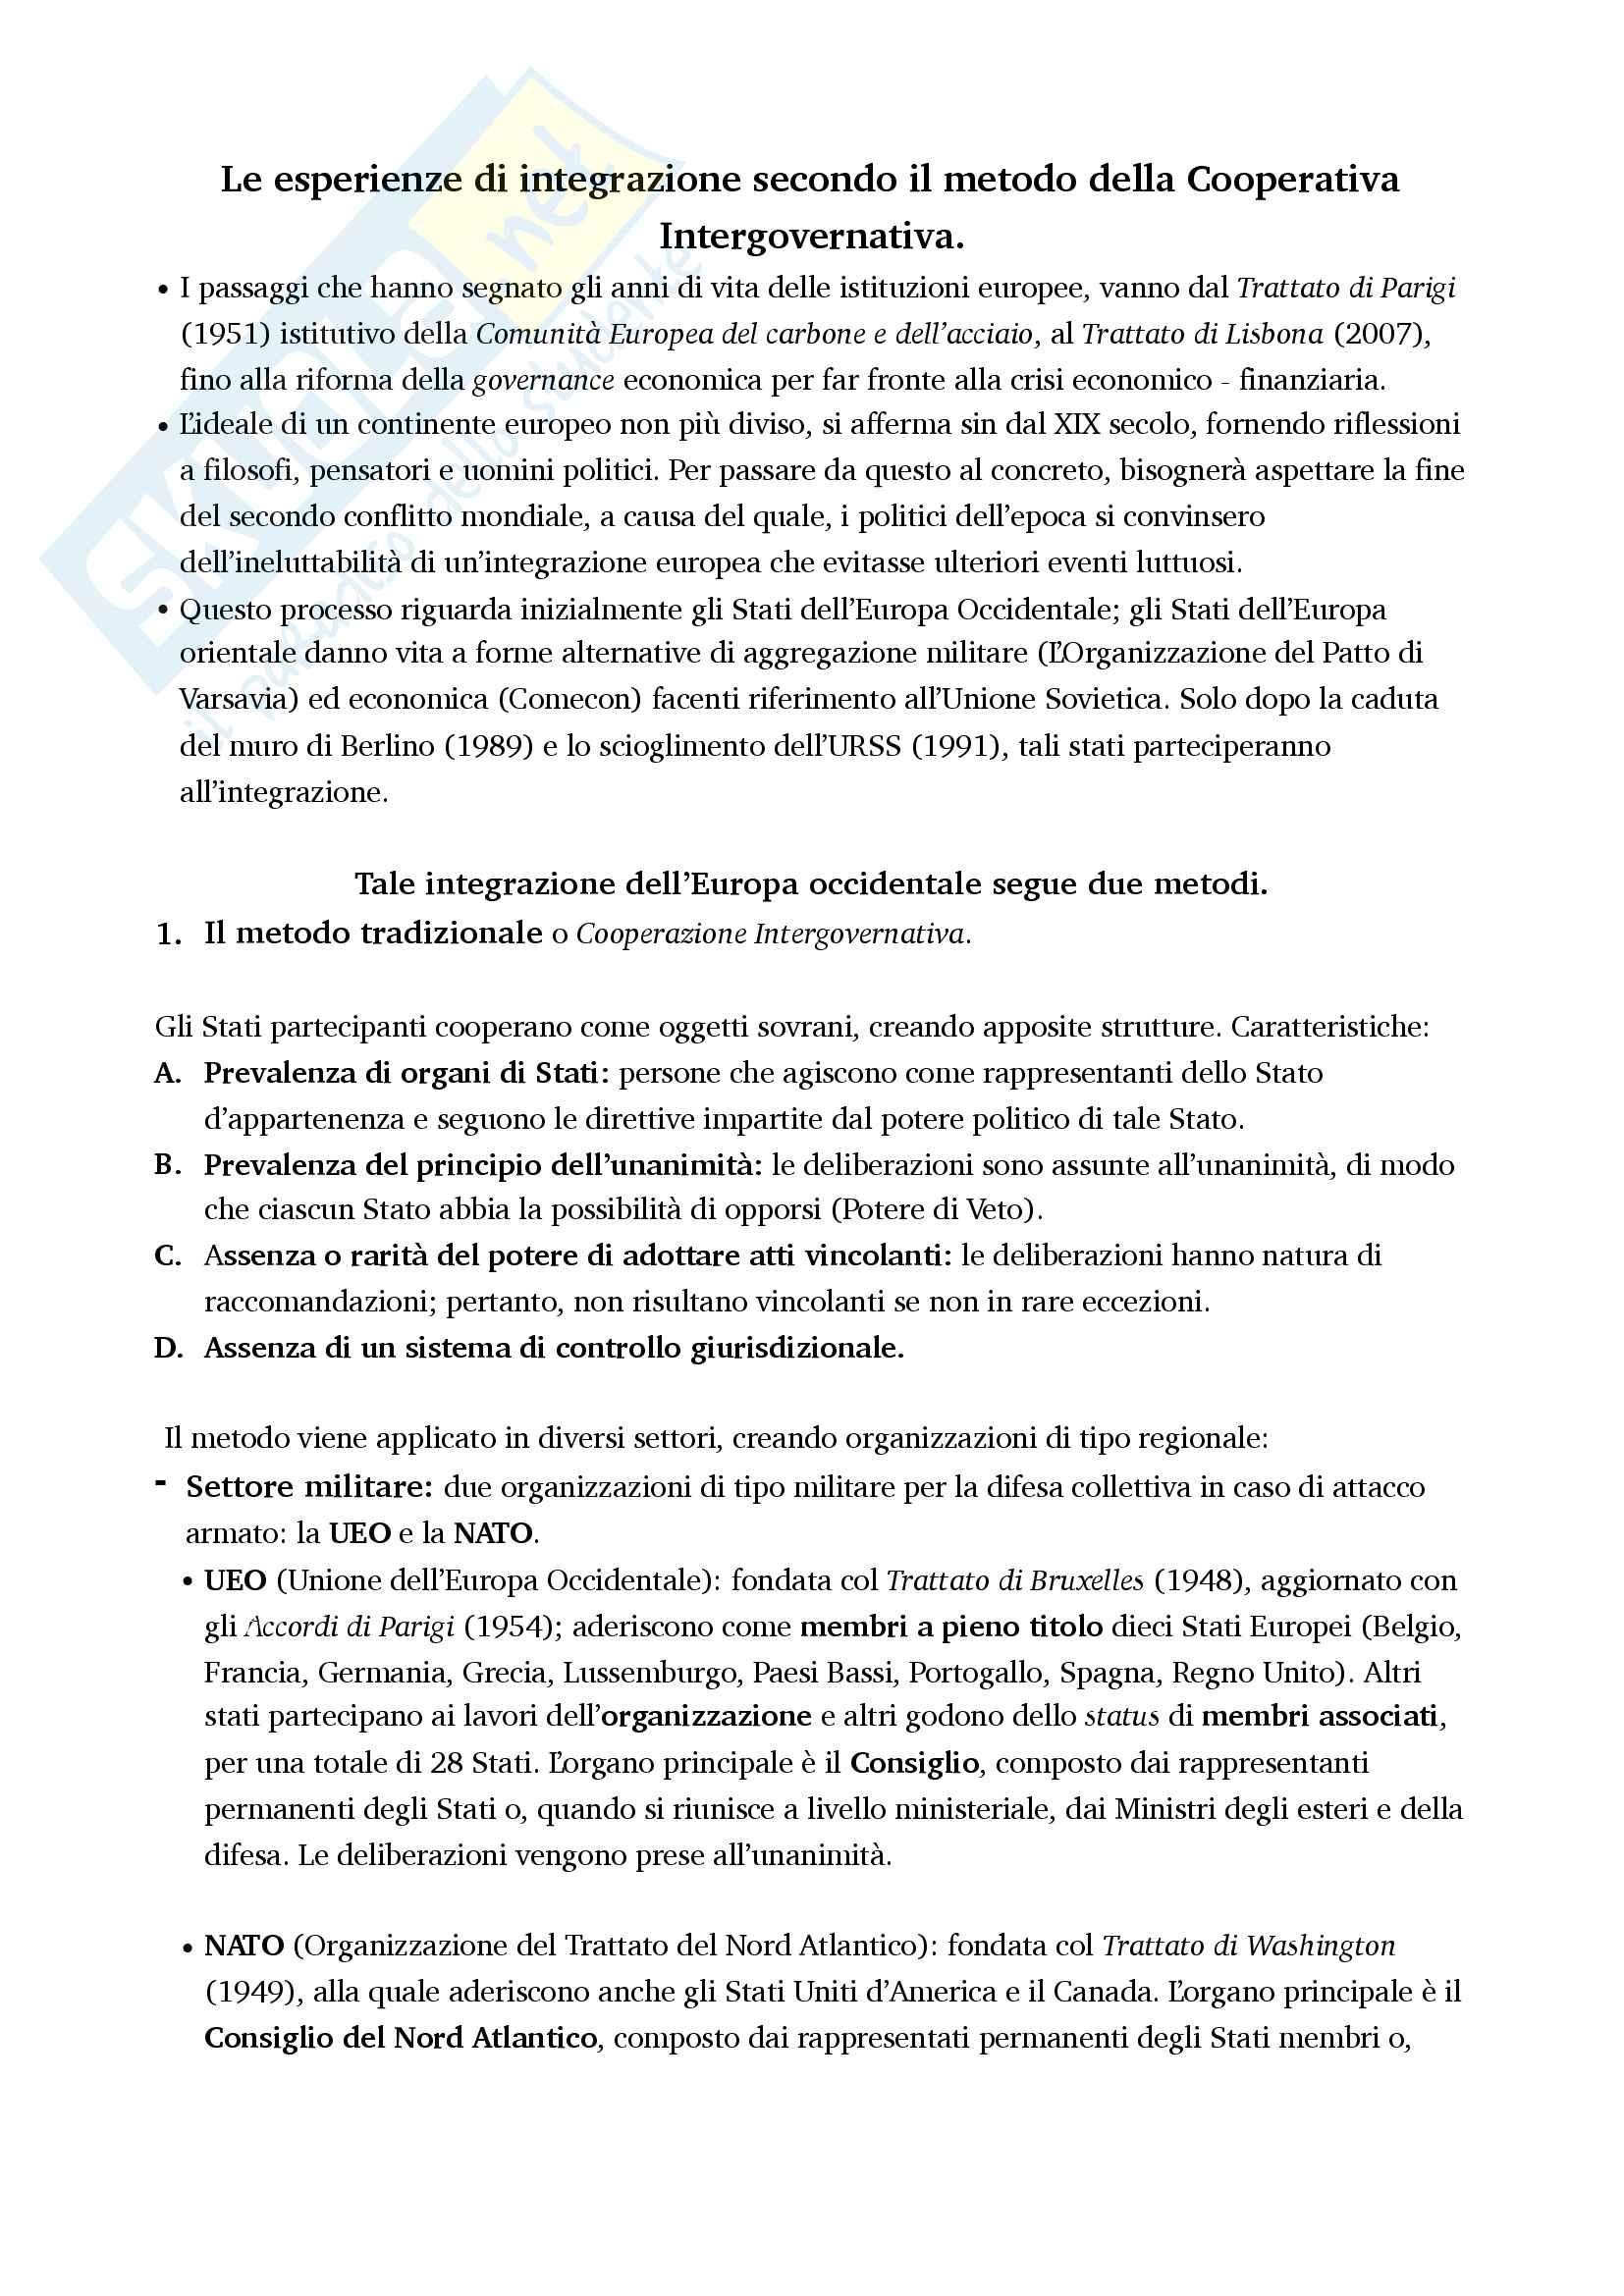 Riassunto esame di Diritto dell'Unione Europea